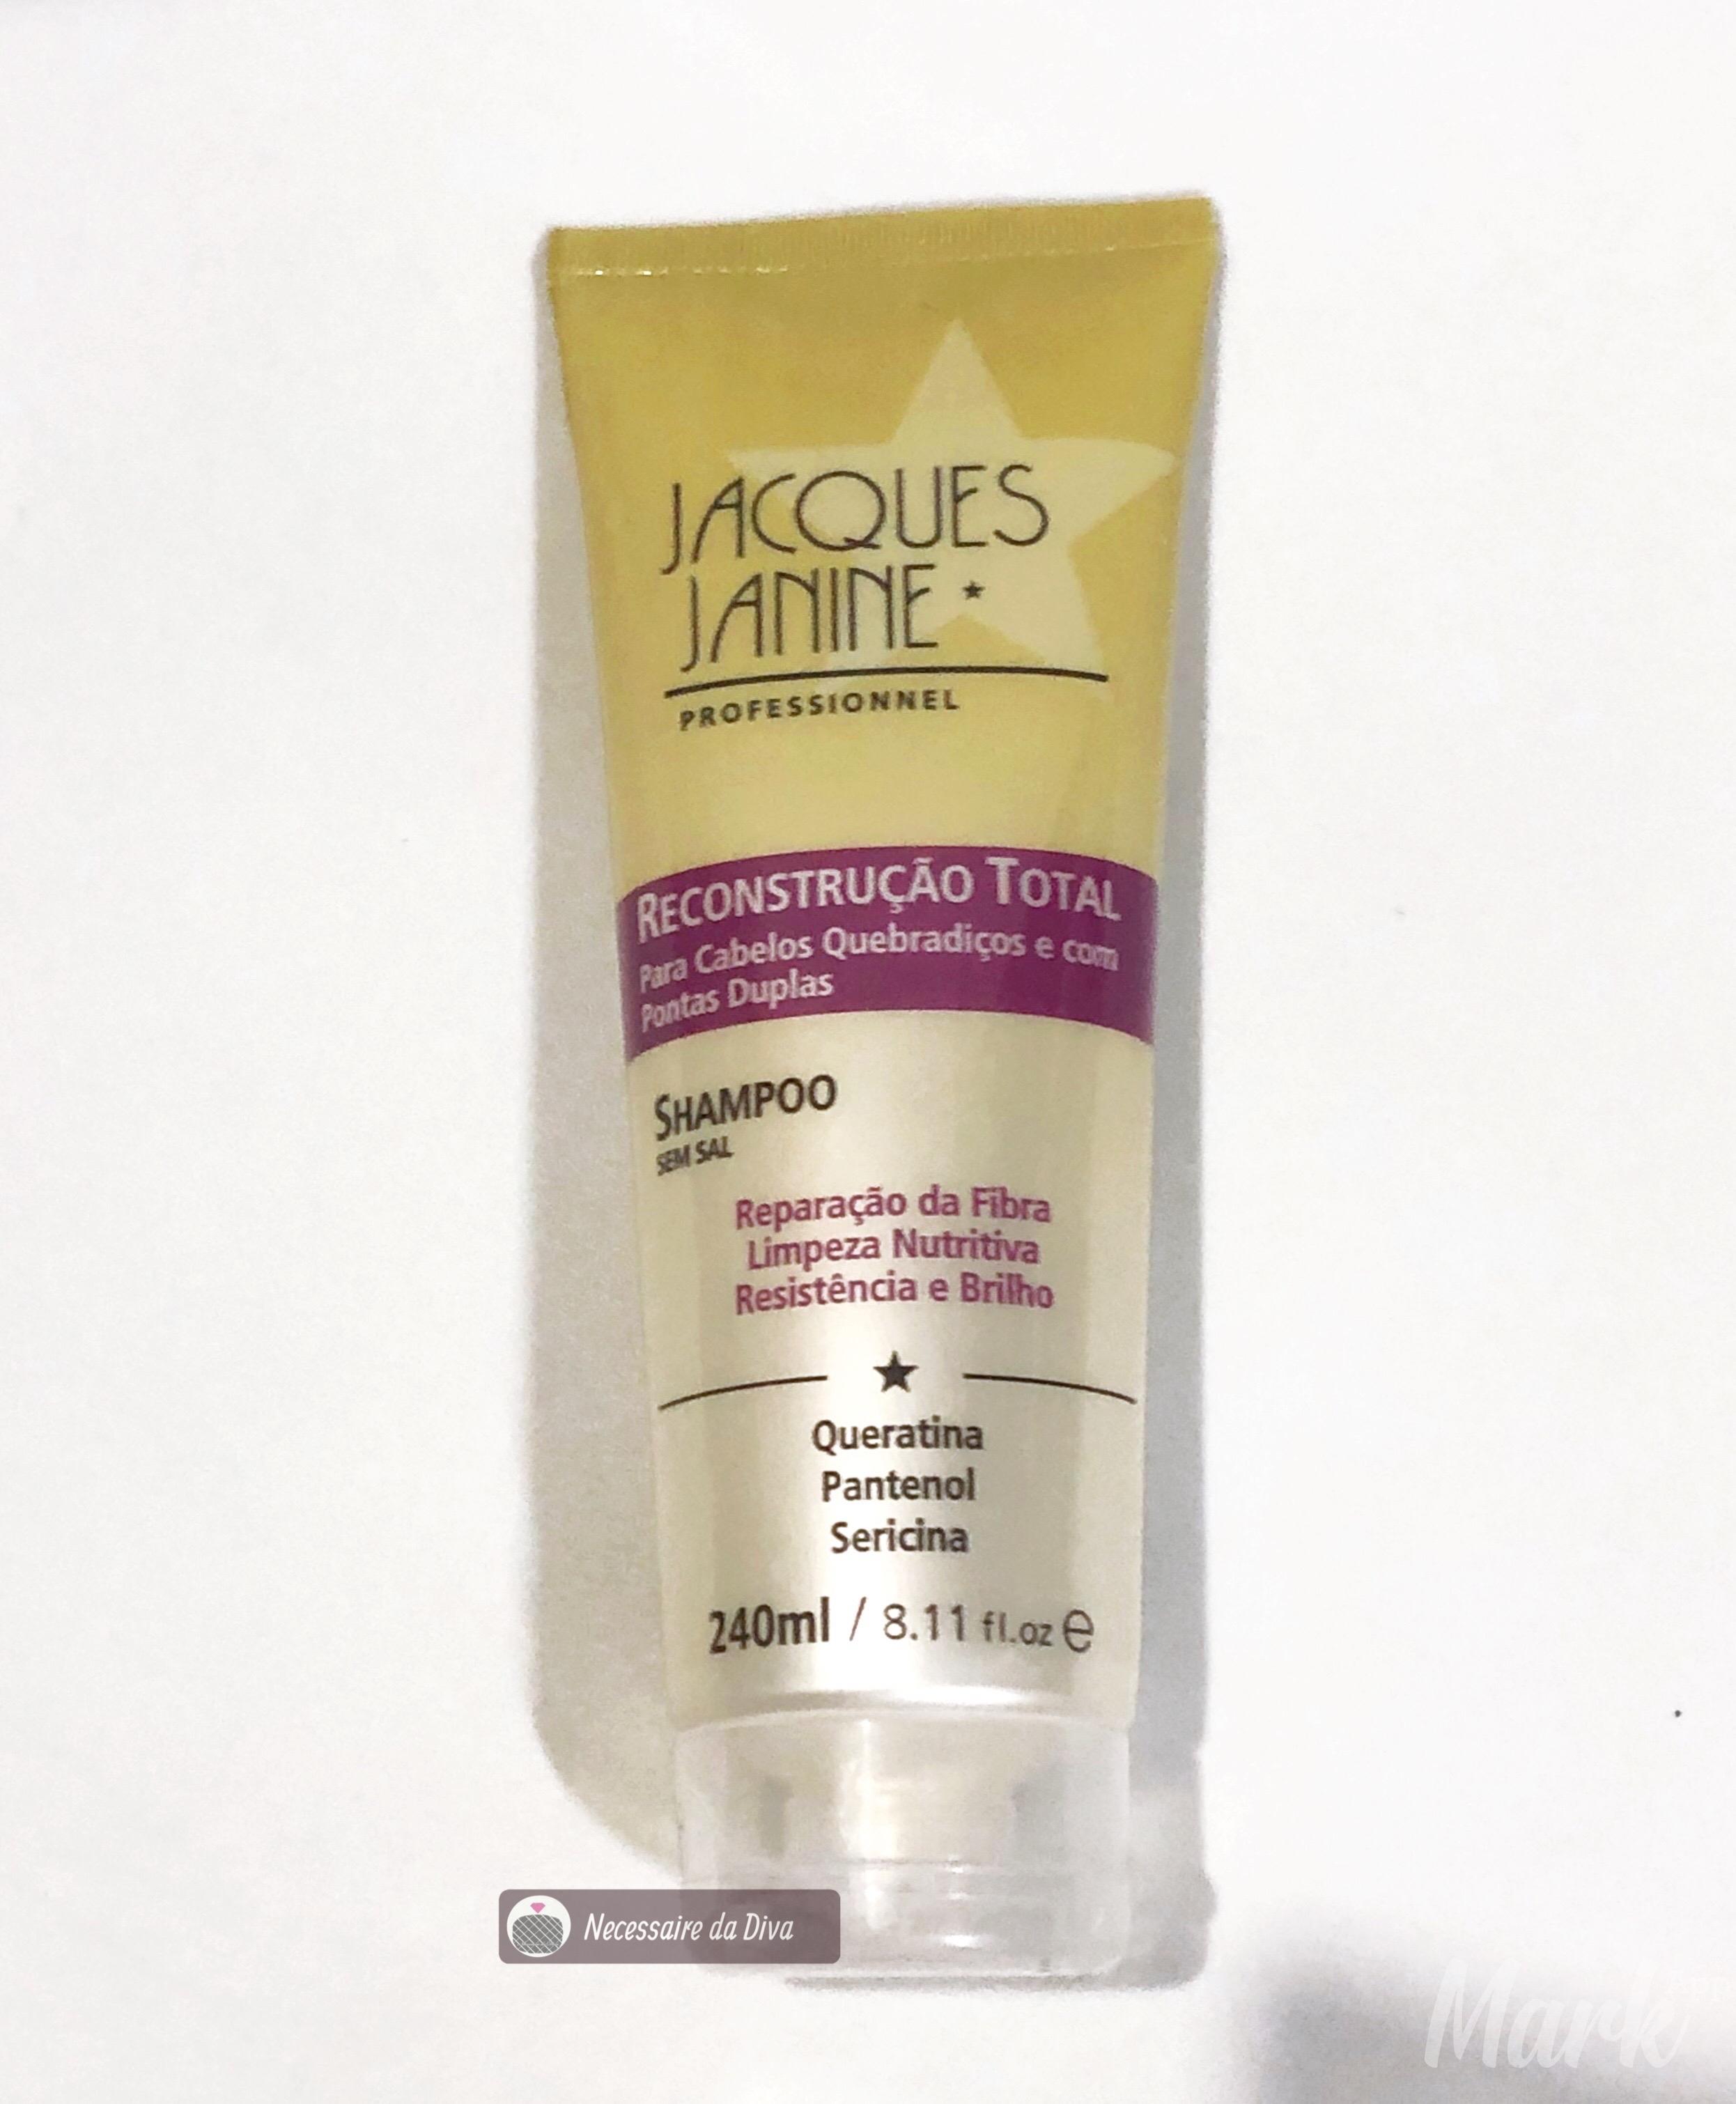 shampoo jacques janine